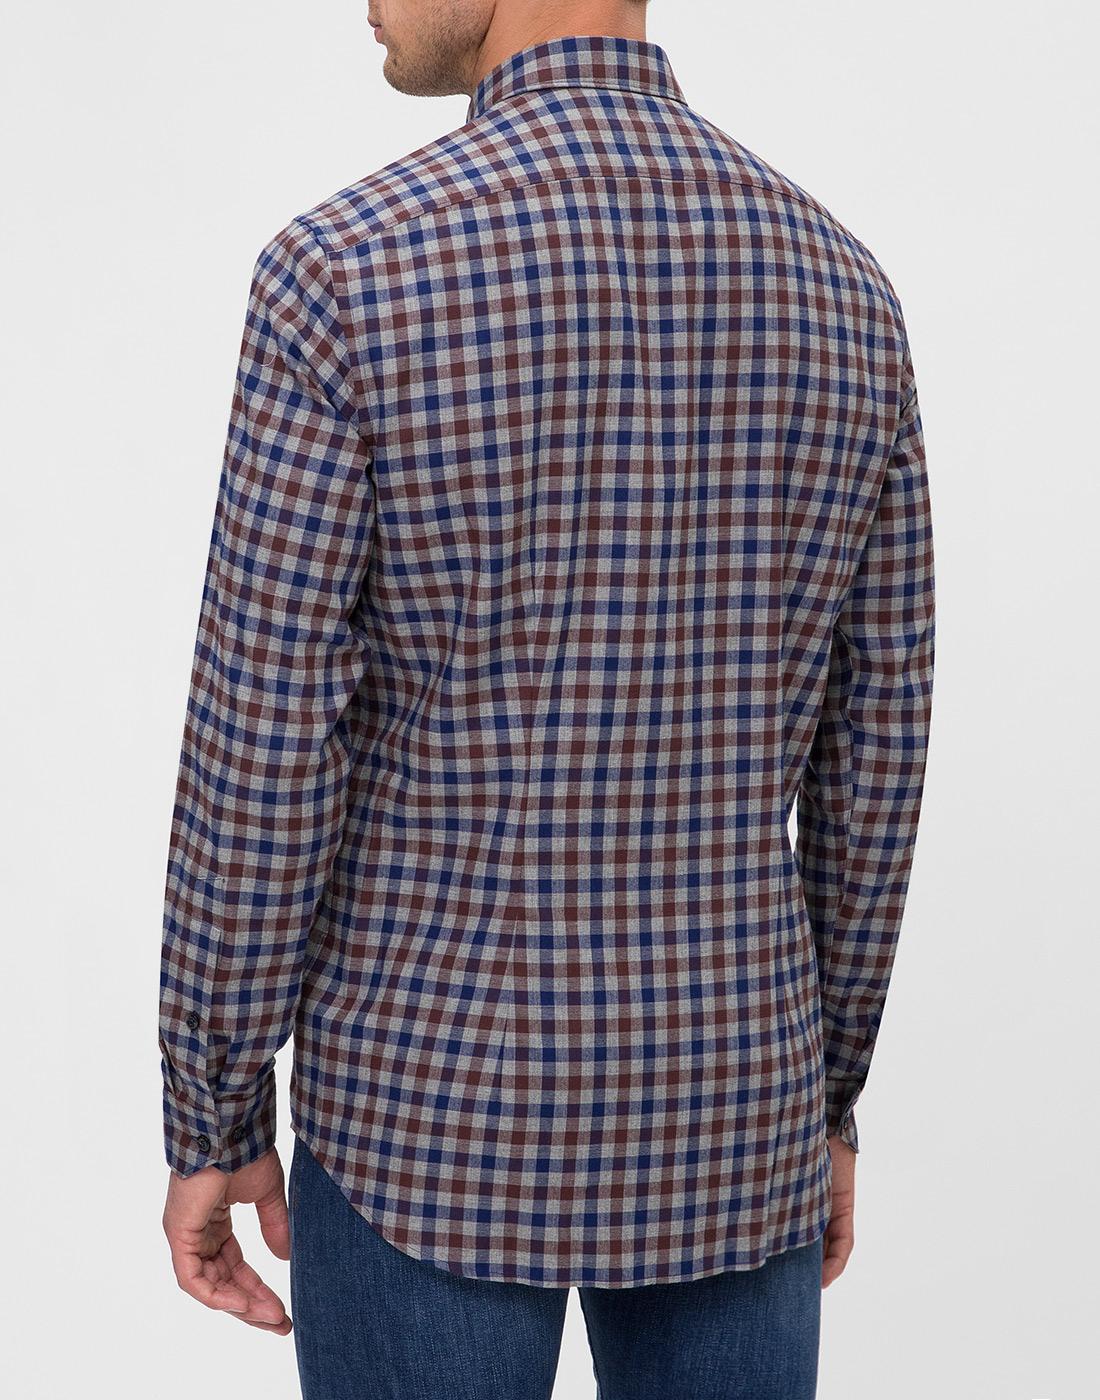 Мужская рубашка в клетку Van Laack S156193/780-4